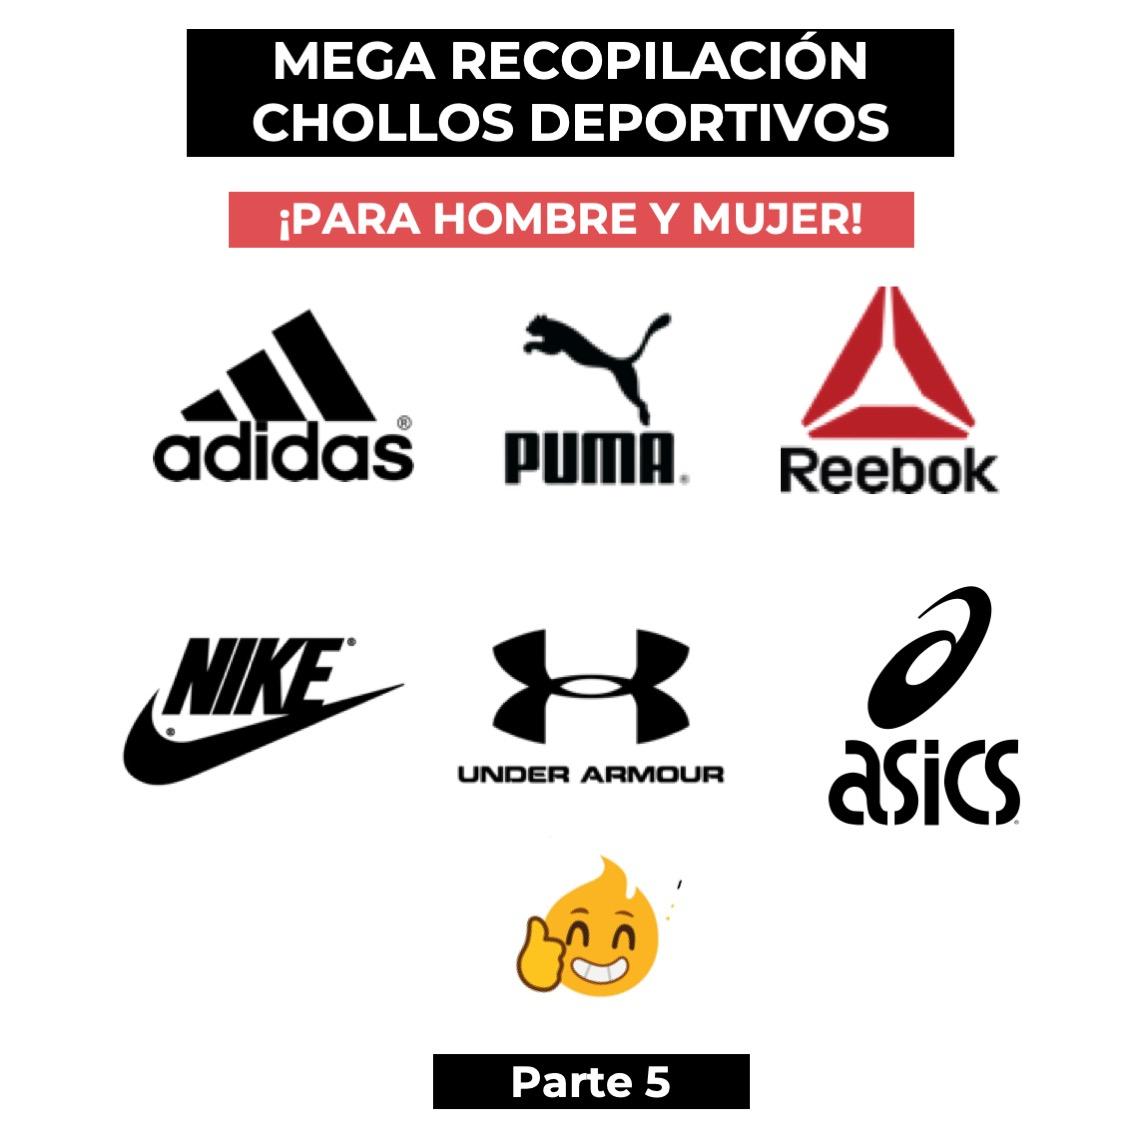 MEGA Recopilación de chollos deportivos ADIDAS, NIKE, PUMA, Under Armour, REEBOK, ASICS... PARA HOMBRE Y MUJER - Parte 5